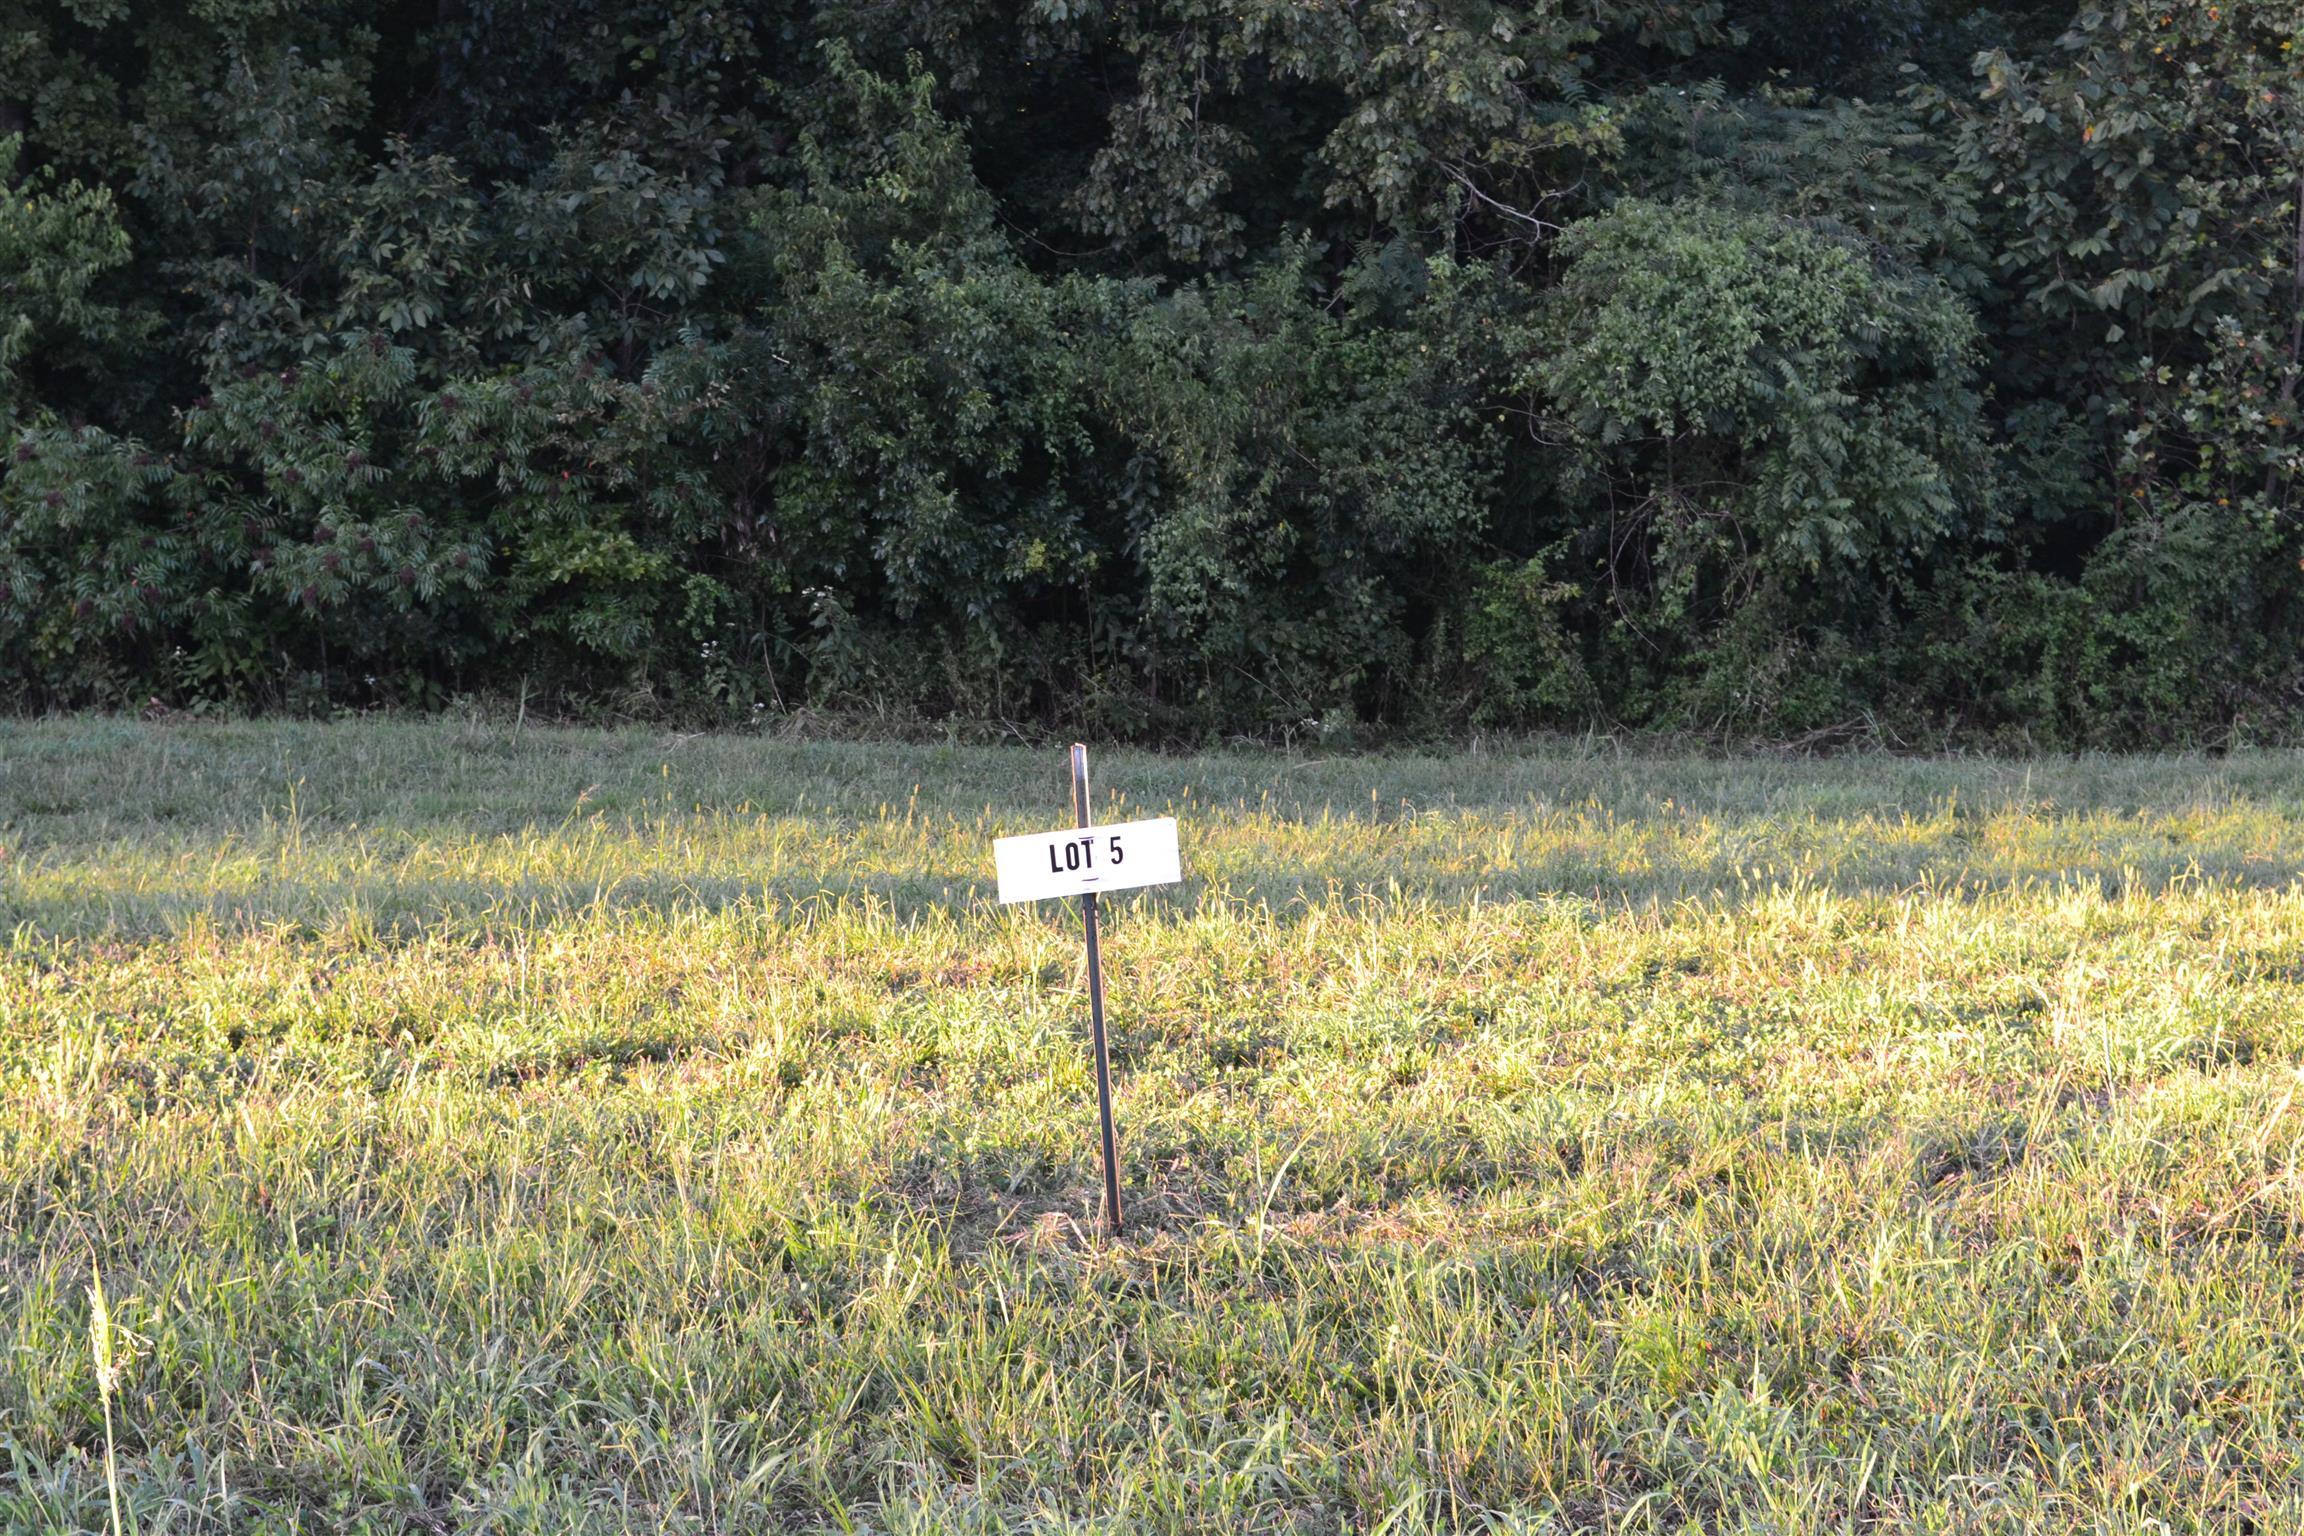 5 Rawlings Road, Woodlawn, TN 37191 - Woodlawn, TN real estate listing